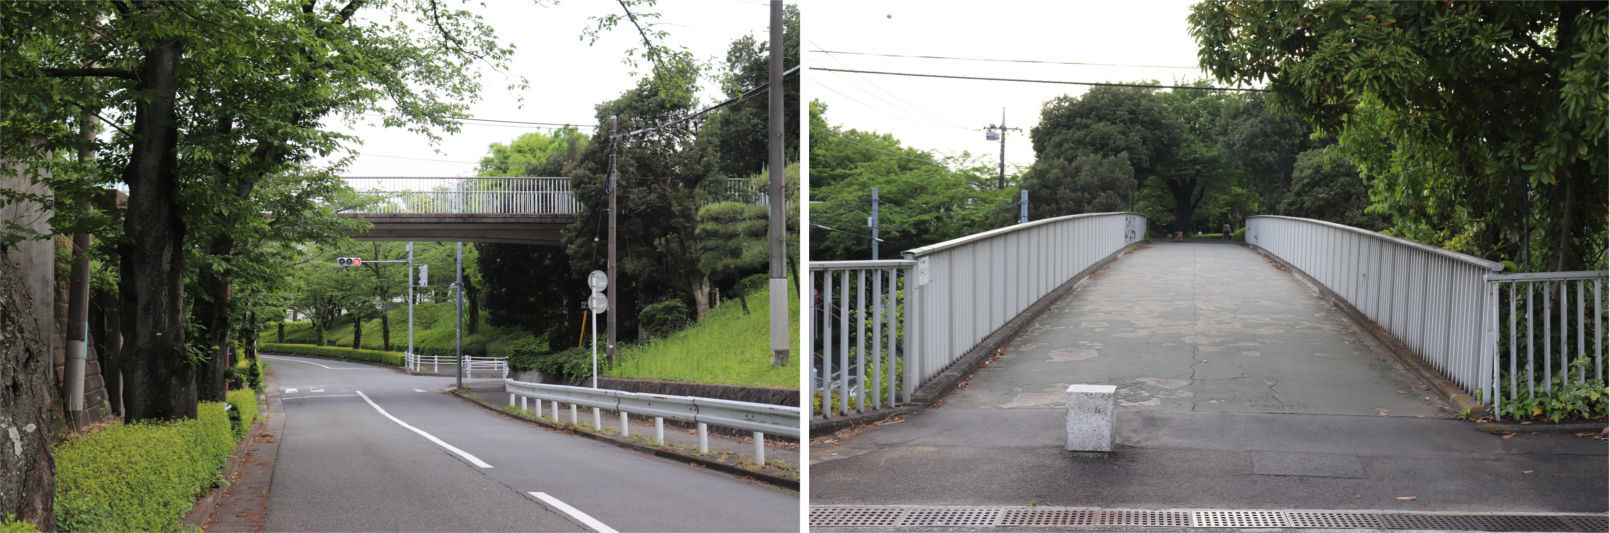 [多摩NTの橋ぜんぶ撮影PJ] No.86~90 瓜生地区の橋_a0332275_00193742.jpg